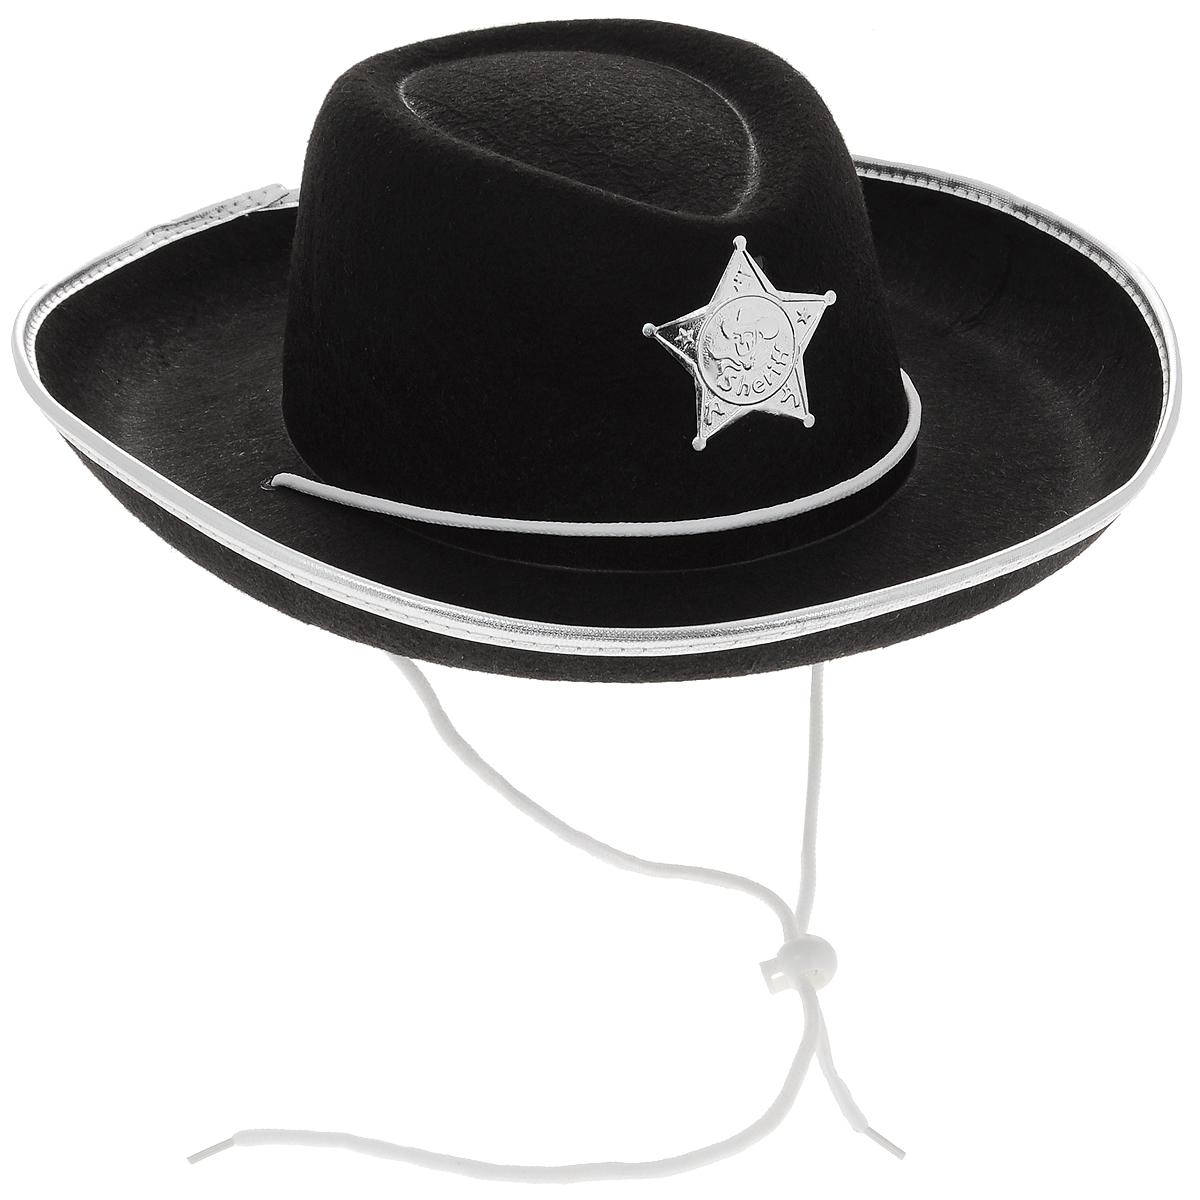 Маскарадная шляпа Шериф, цвет: черный, белый, 54,5 см. 31320 villa винтовка шериф цвет золотистый